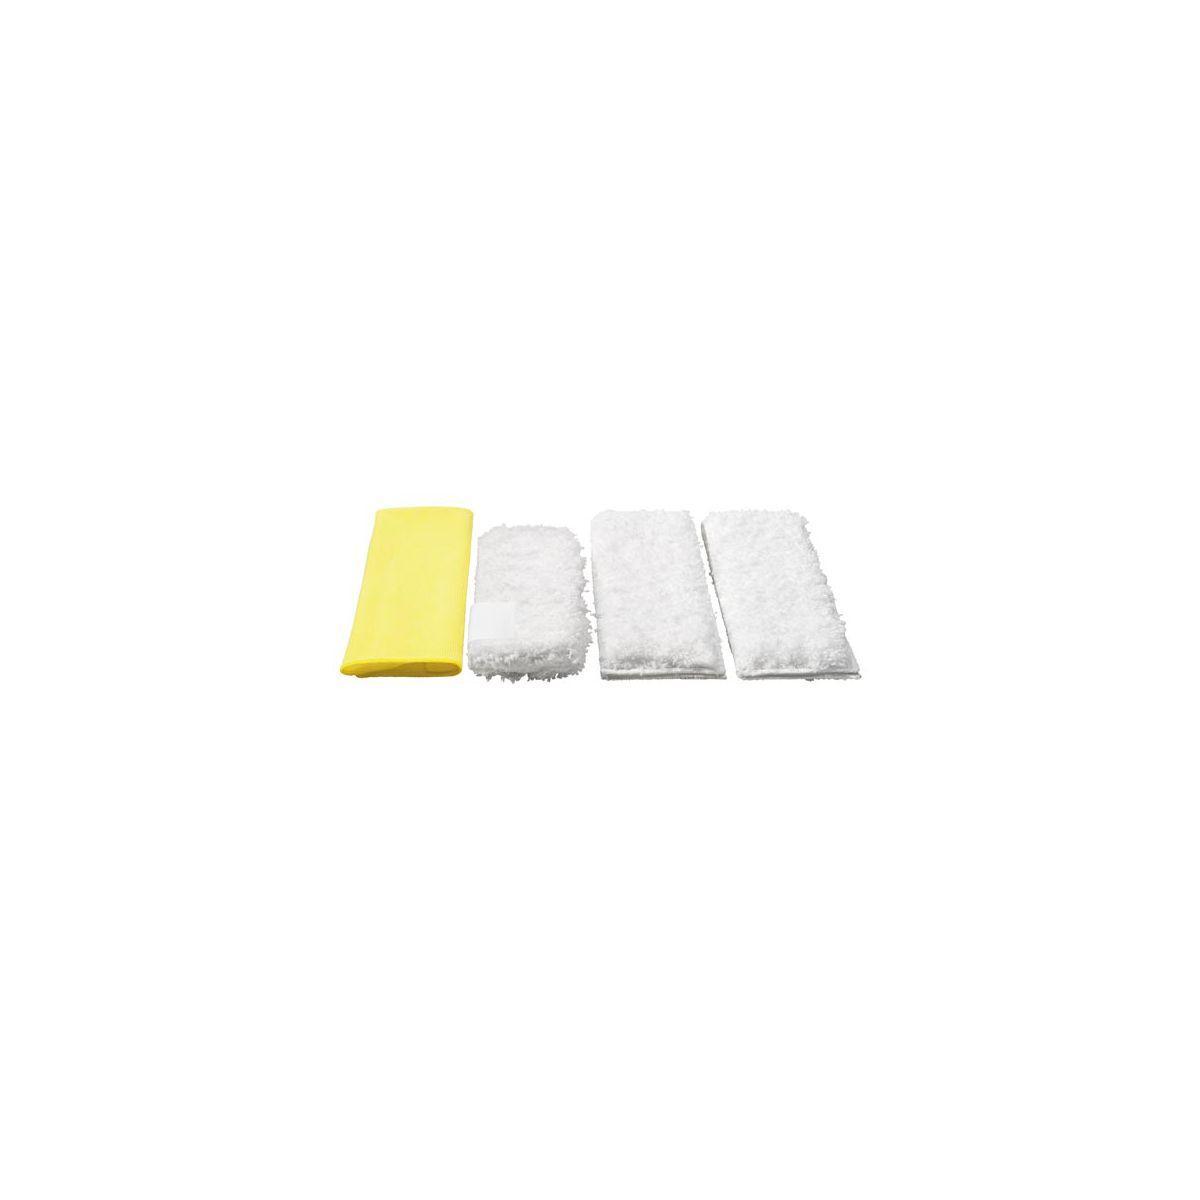 Accessoire karcher set de nettoyage pour la cuisine - 5% de remise imm�diate avec le code : deal5 (photo)